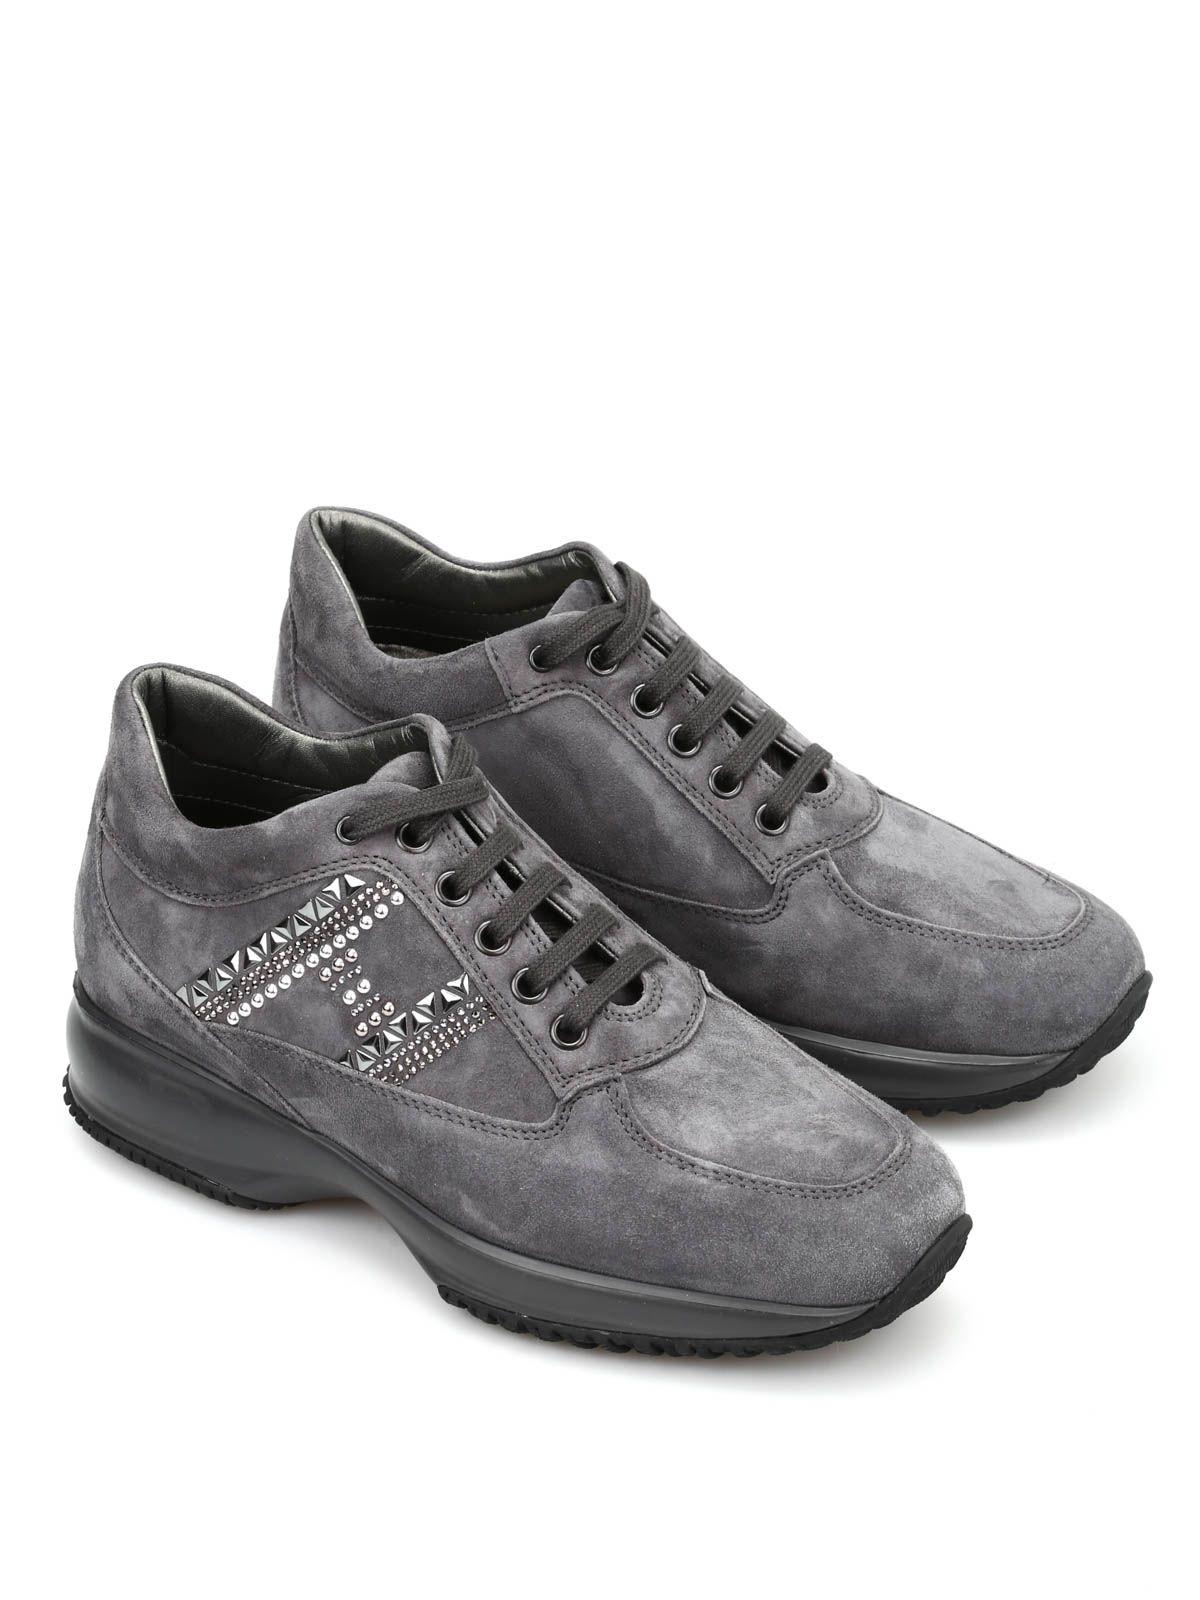 Hogan Studs Interactive Sneakers